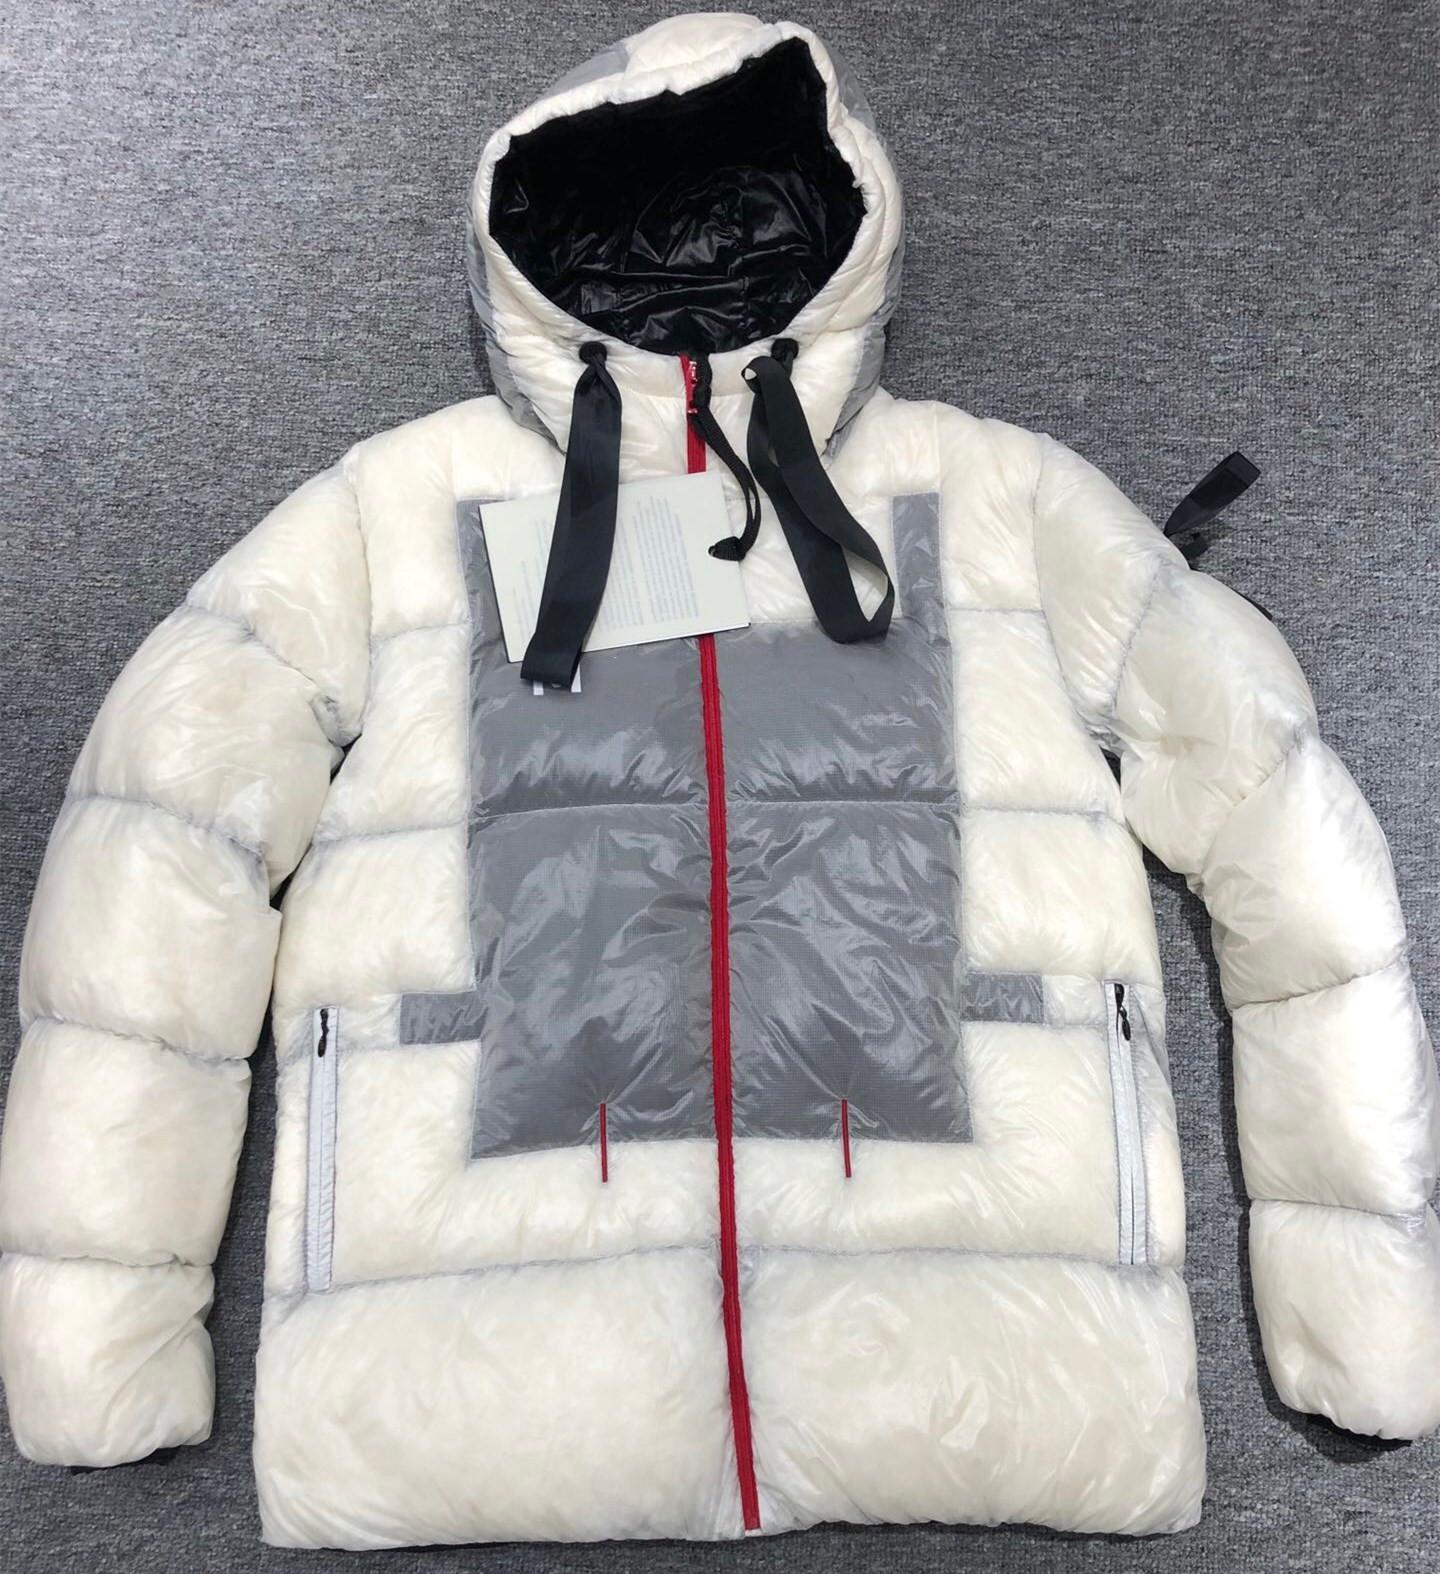 Erkekler Naylon Kısa Aşağı Ceket Kış Moda Erkek Sıcak Kapüşonlu Fermuar Spor Beyaz Ceket